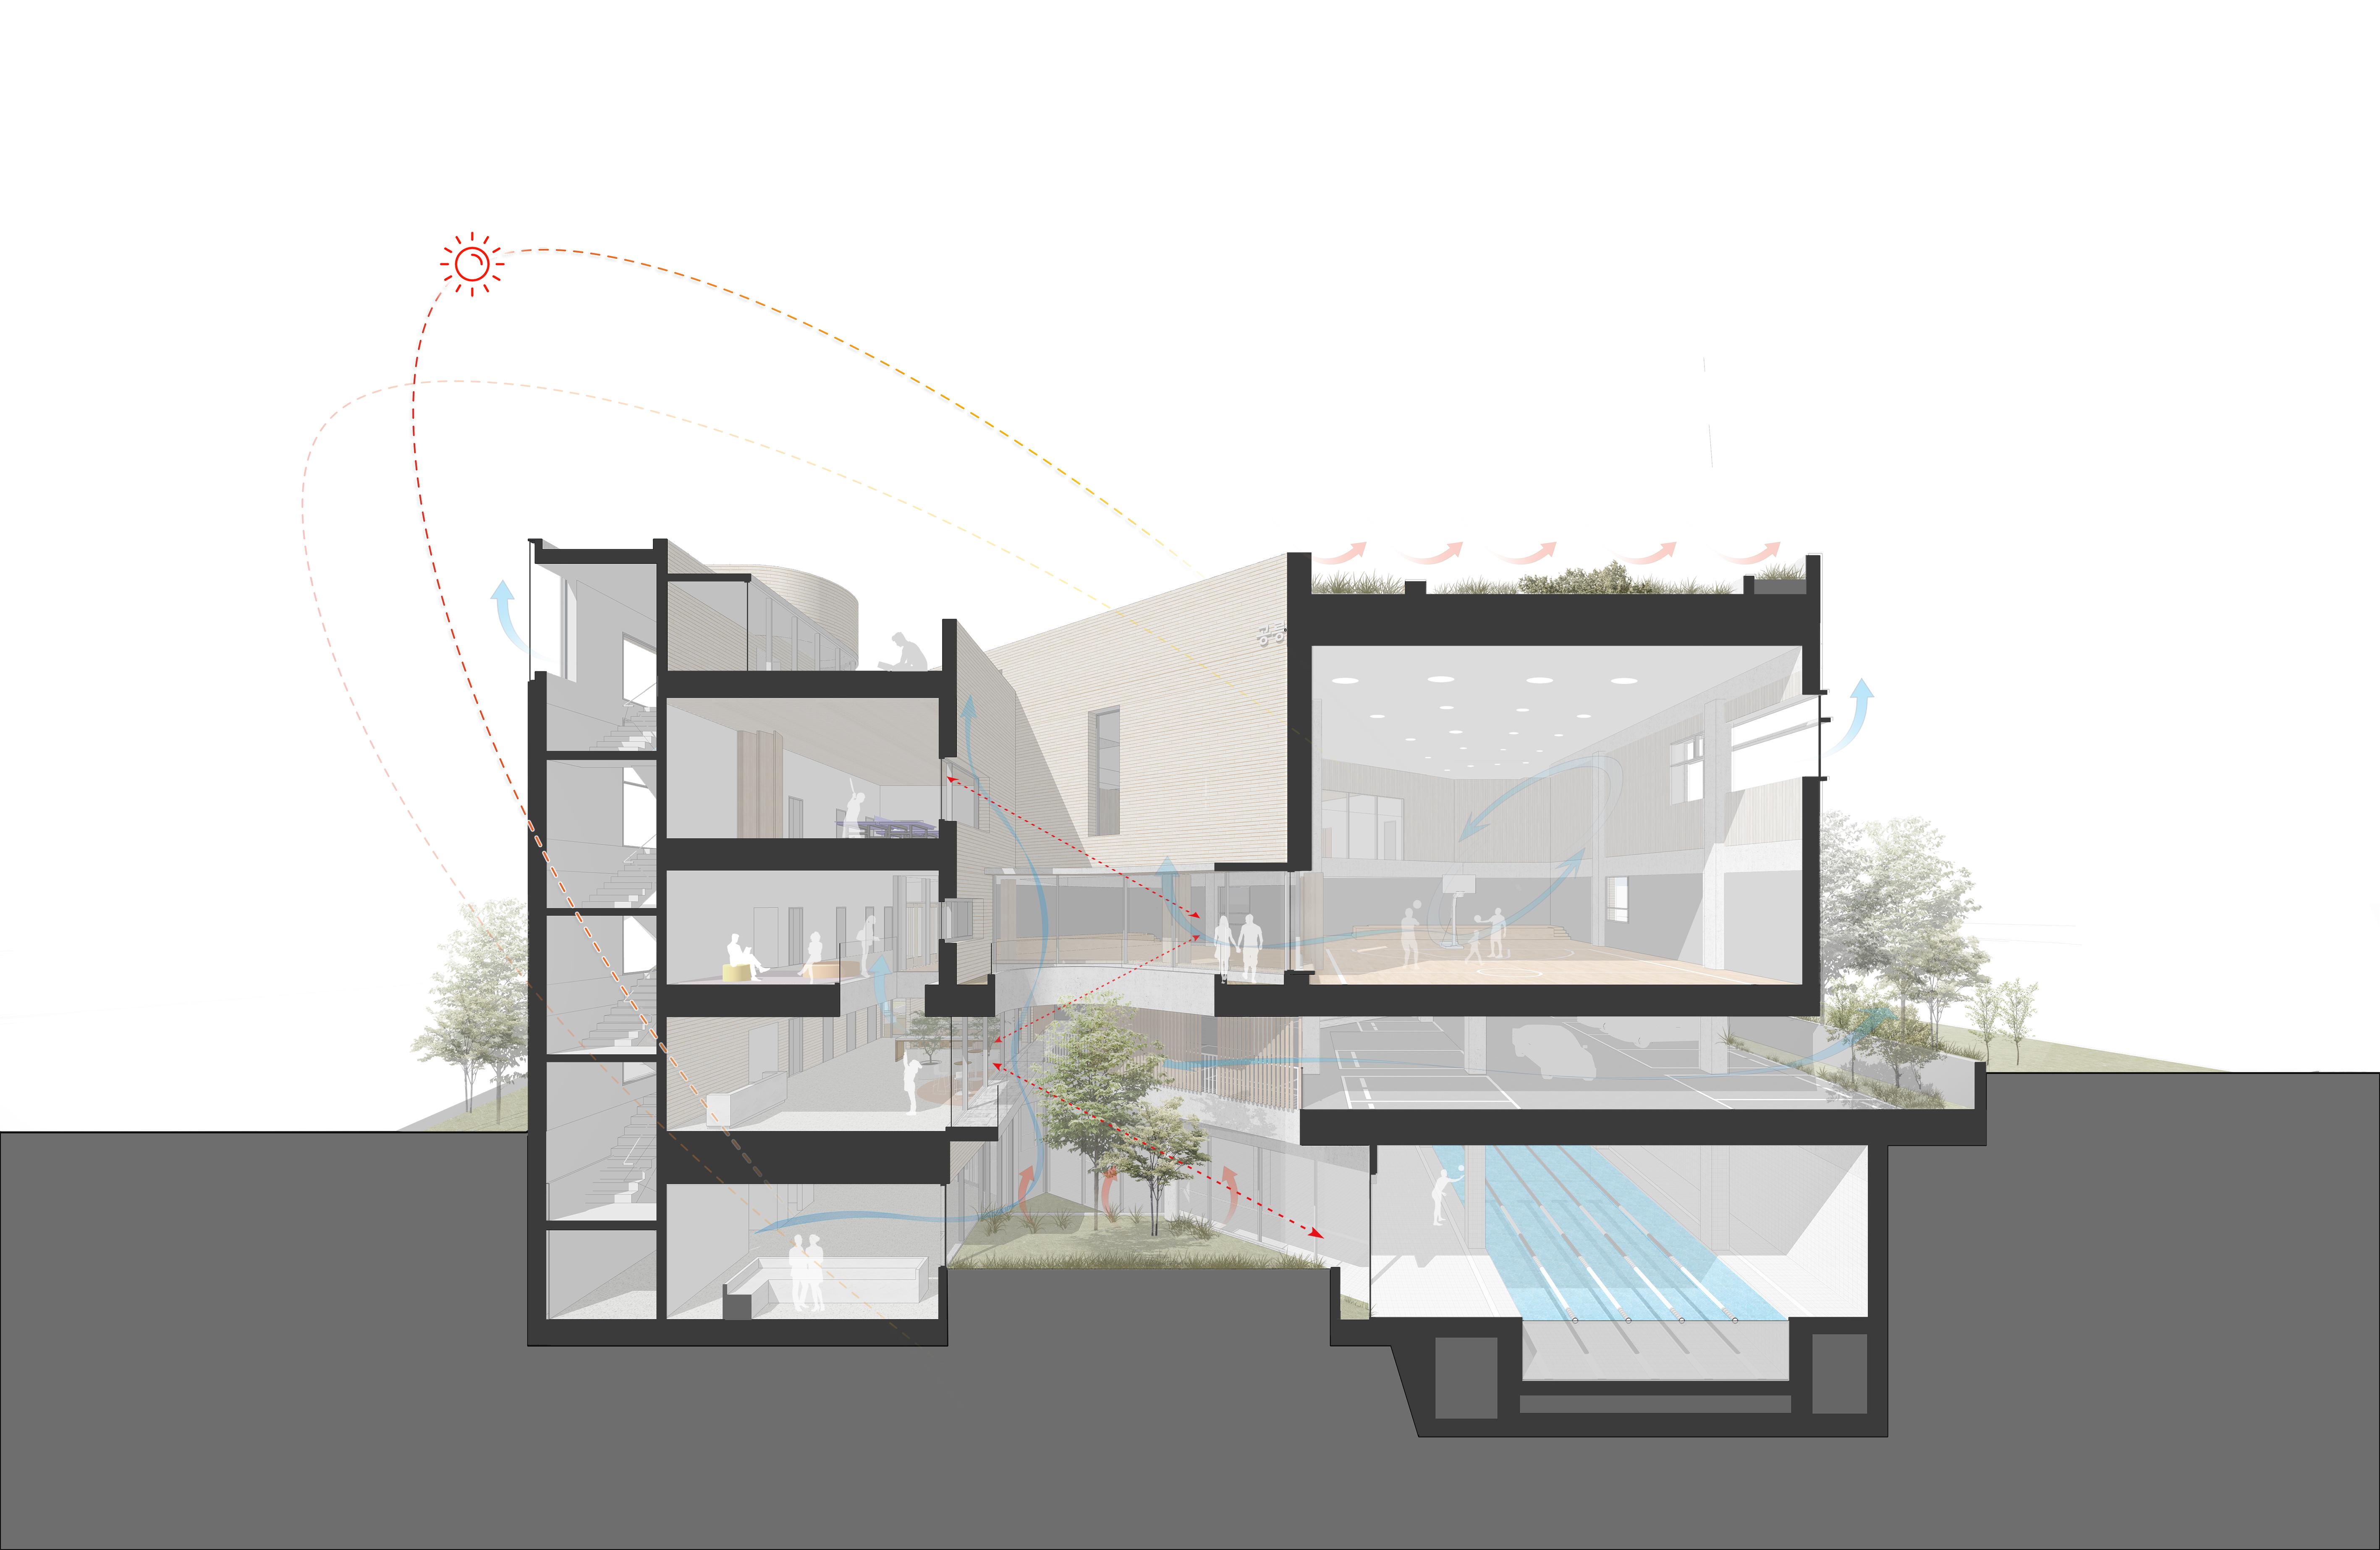 공릉동 구민체육센터, 2020